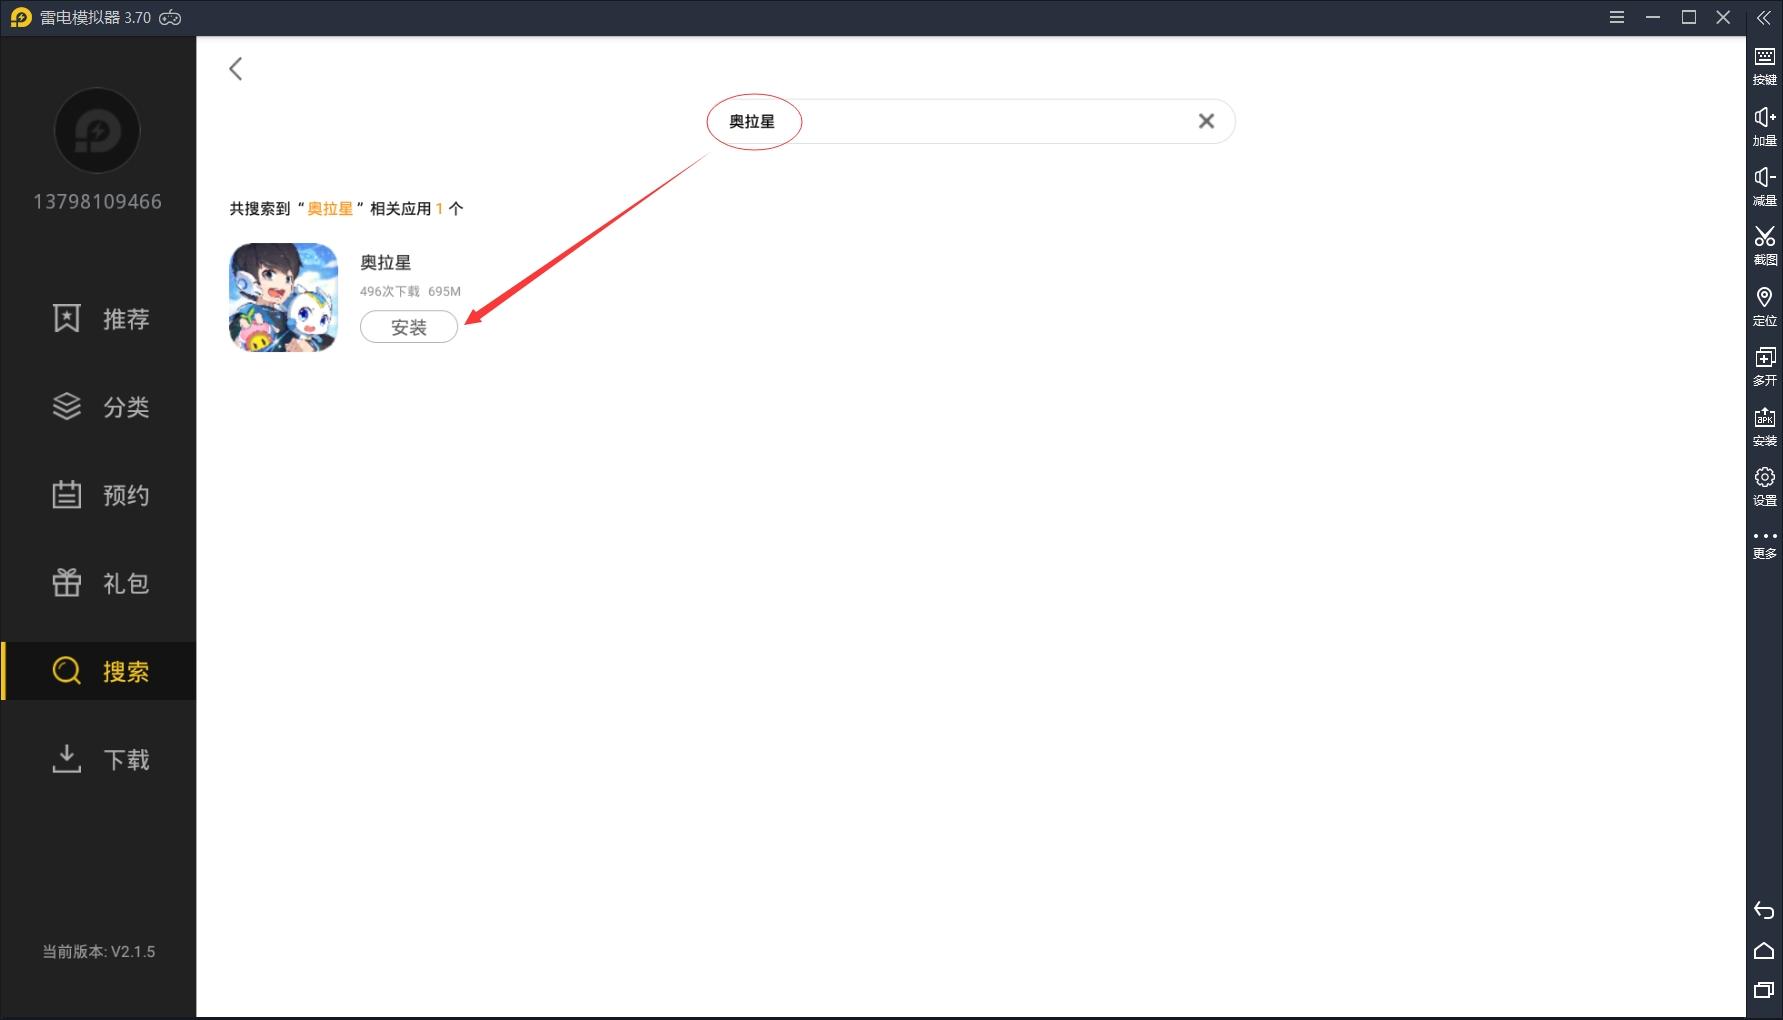 【奥拉星】电脑版怎么玩—安卓模拟器使用教程